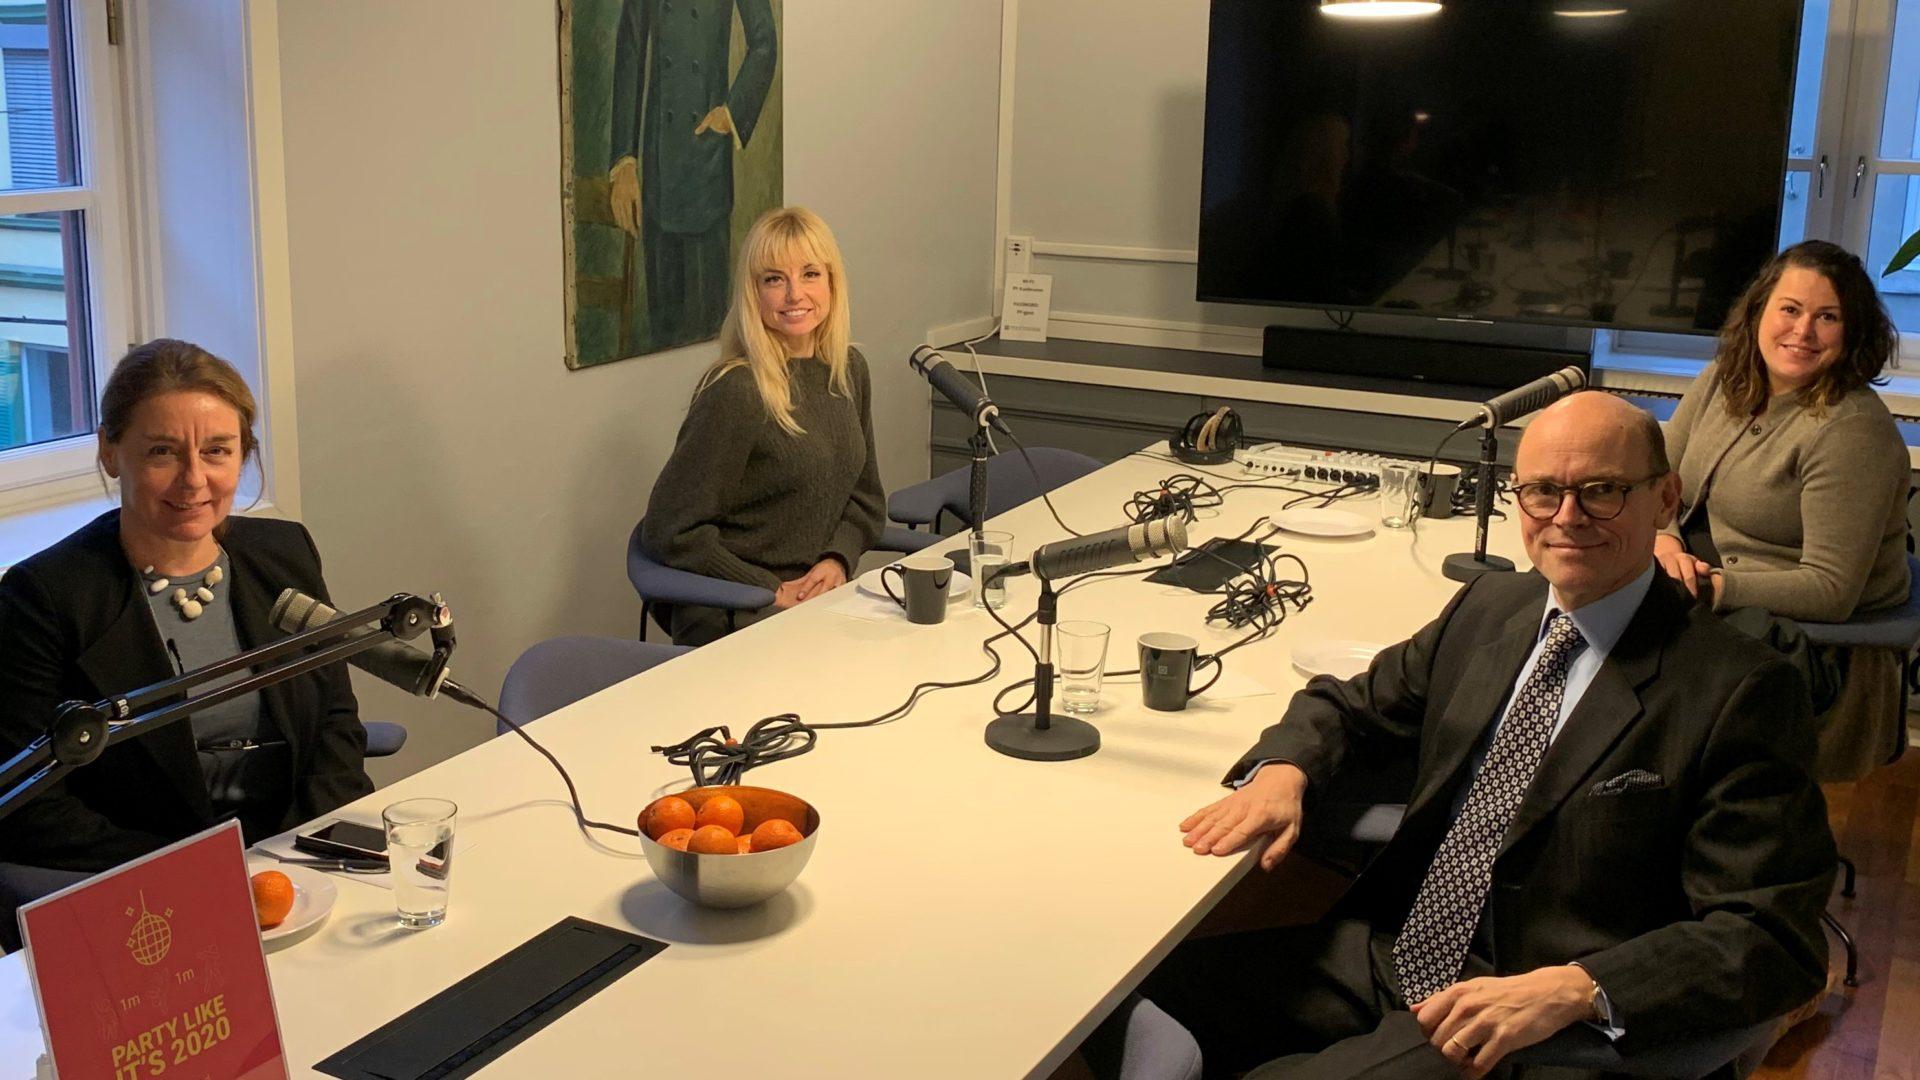 Fra venstre: Mette Vågnes Eriksen, Ingvild Næss, Hedda Langemyr og Arne Bjørnstad